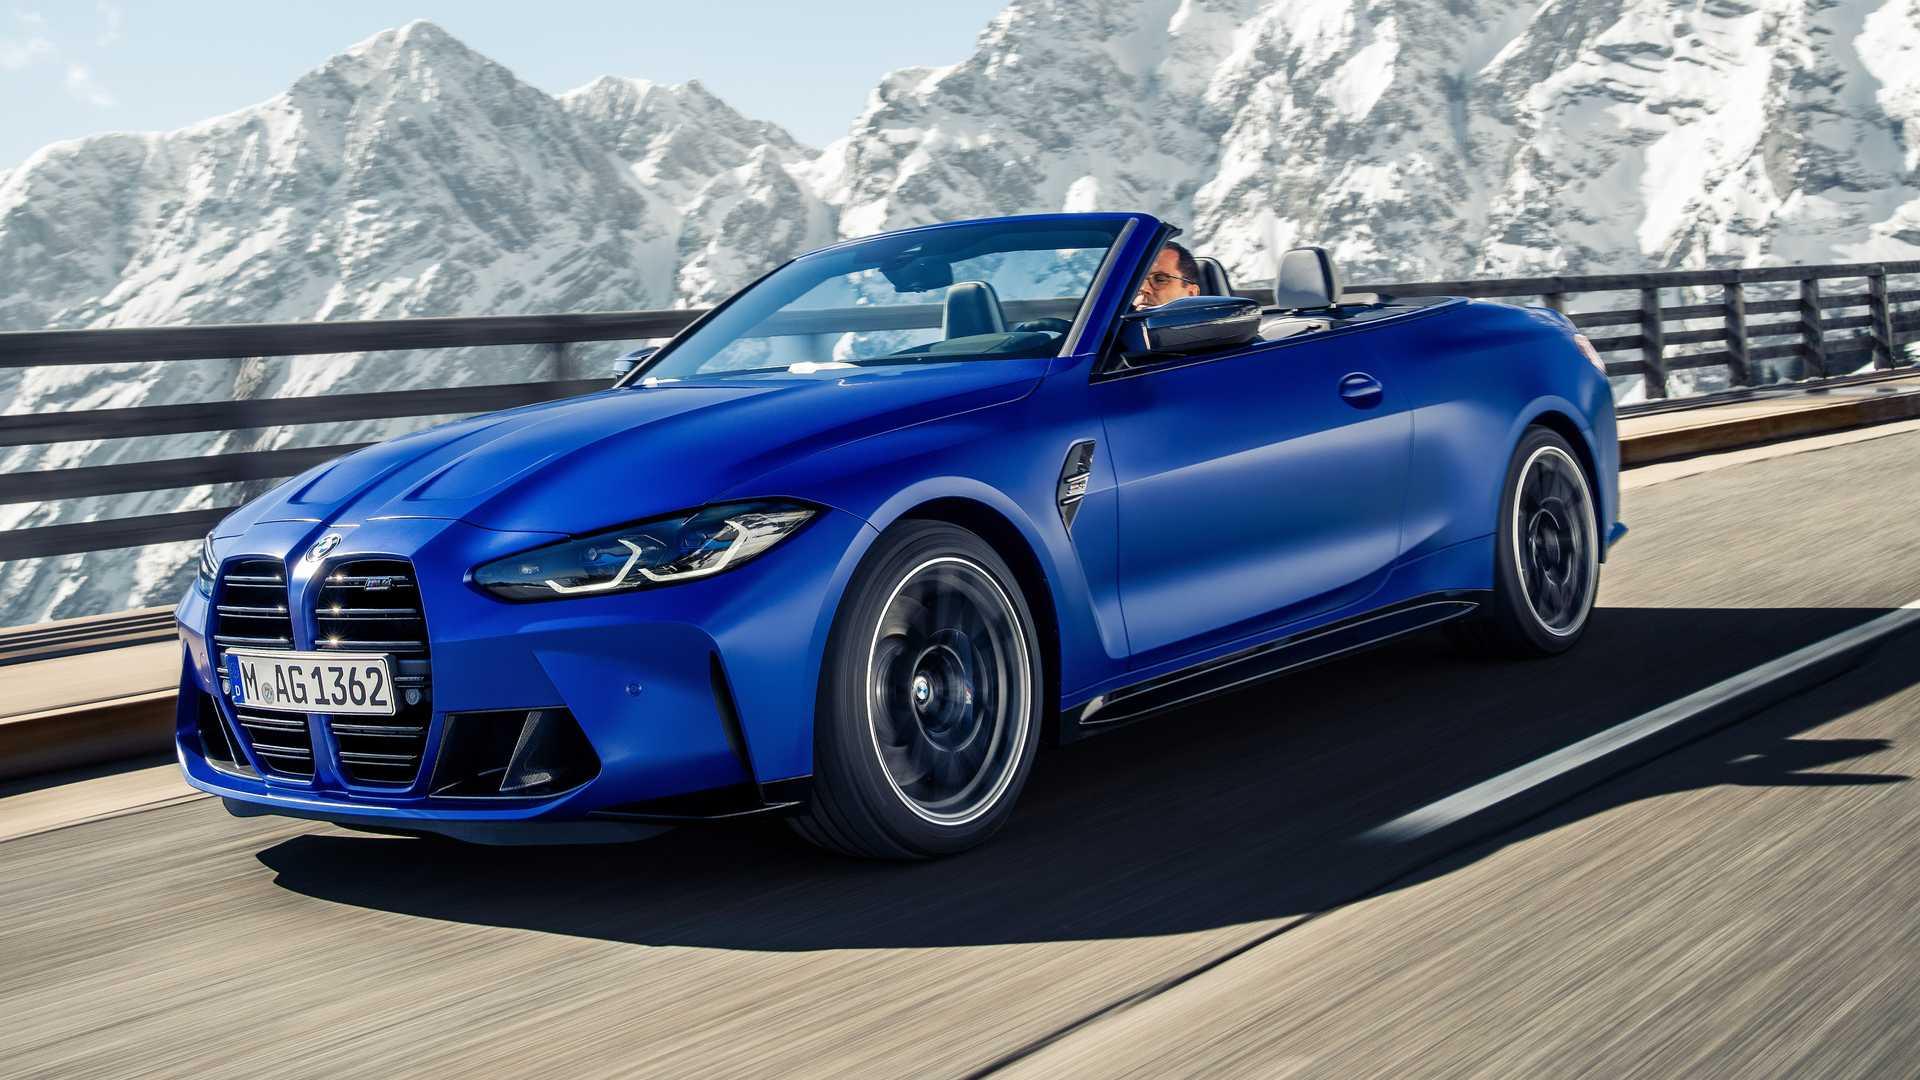 Nuevo BMW M4 Competition Cabrio 2021: con techo de lona, 510 CV y tracción total xDrive